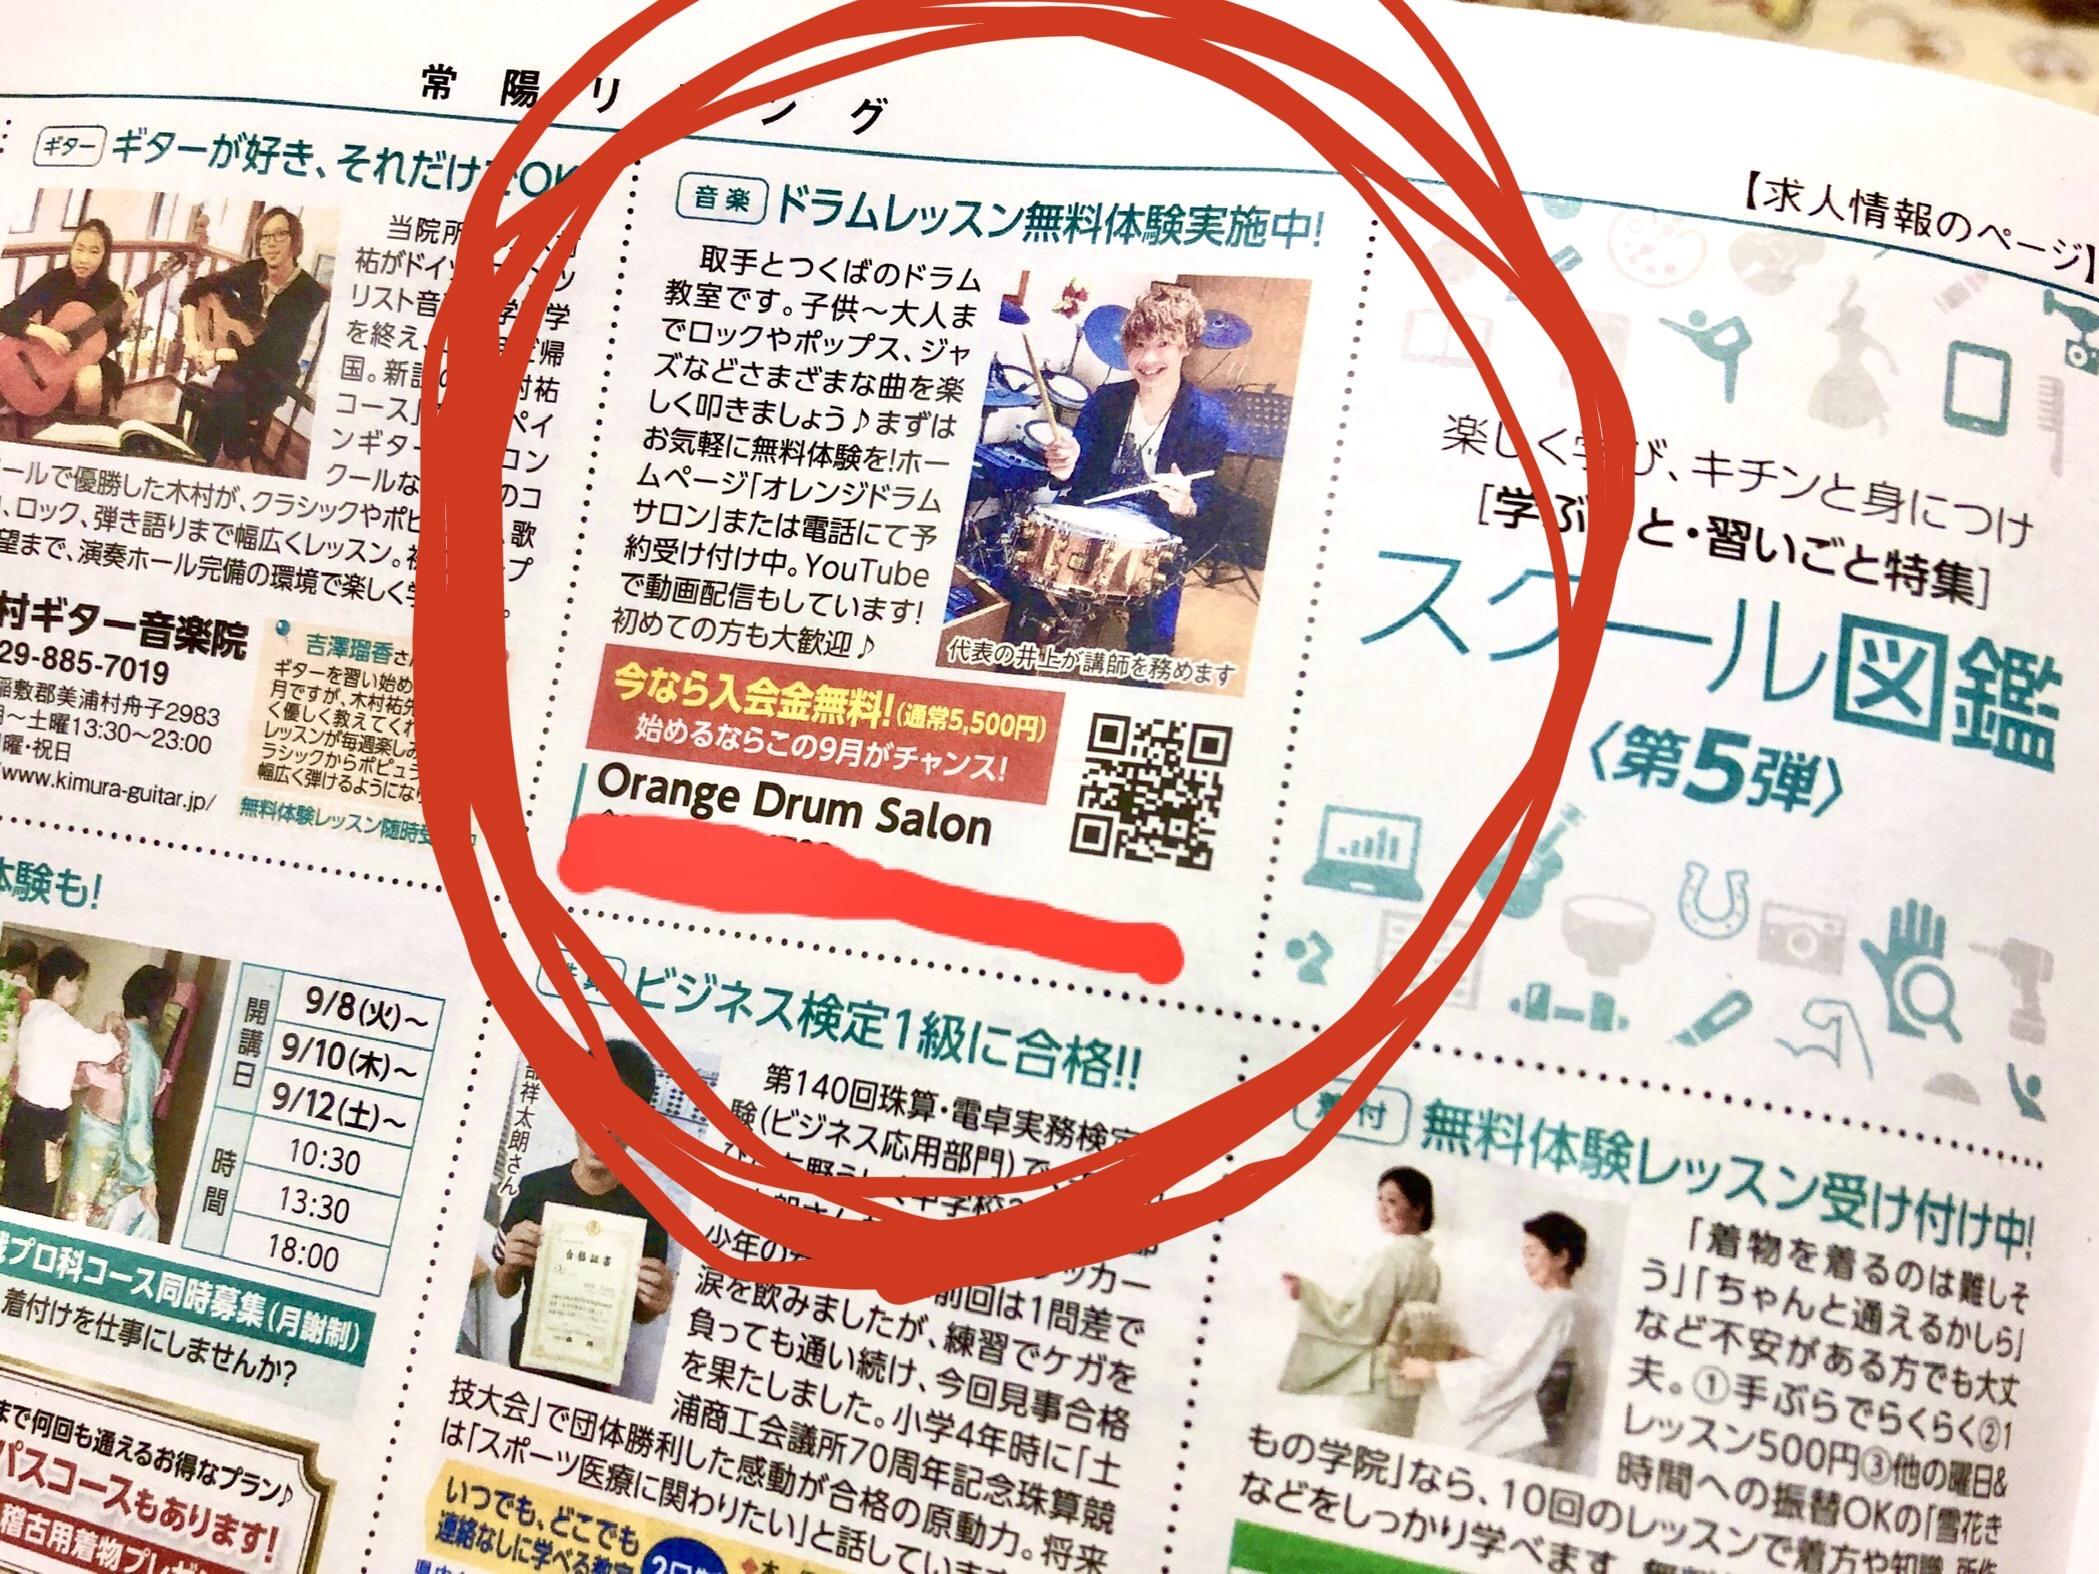 常陽リビングに広告が載りました!入会金無料キャンペーン実施中!